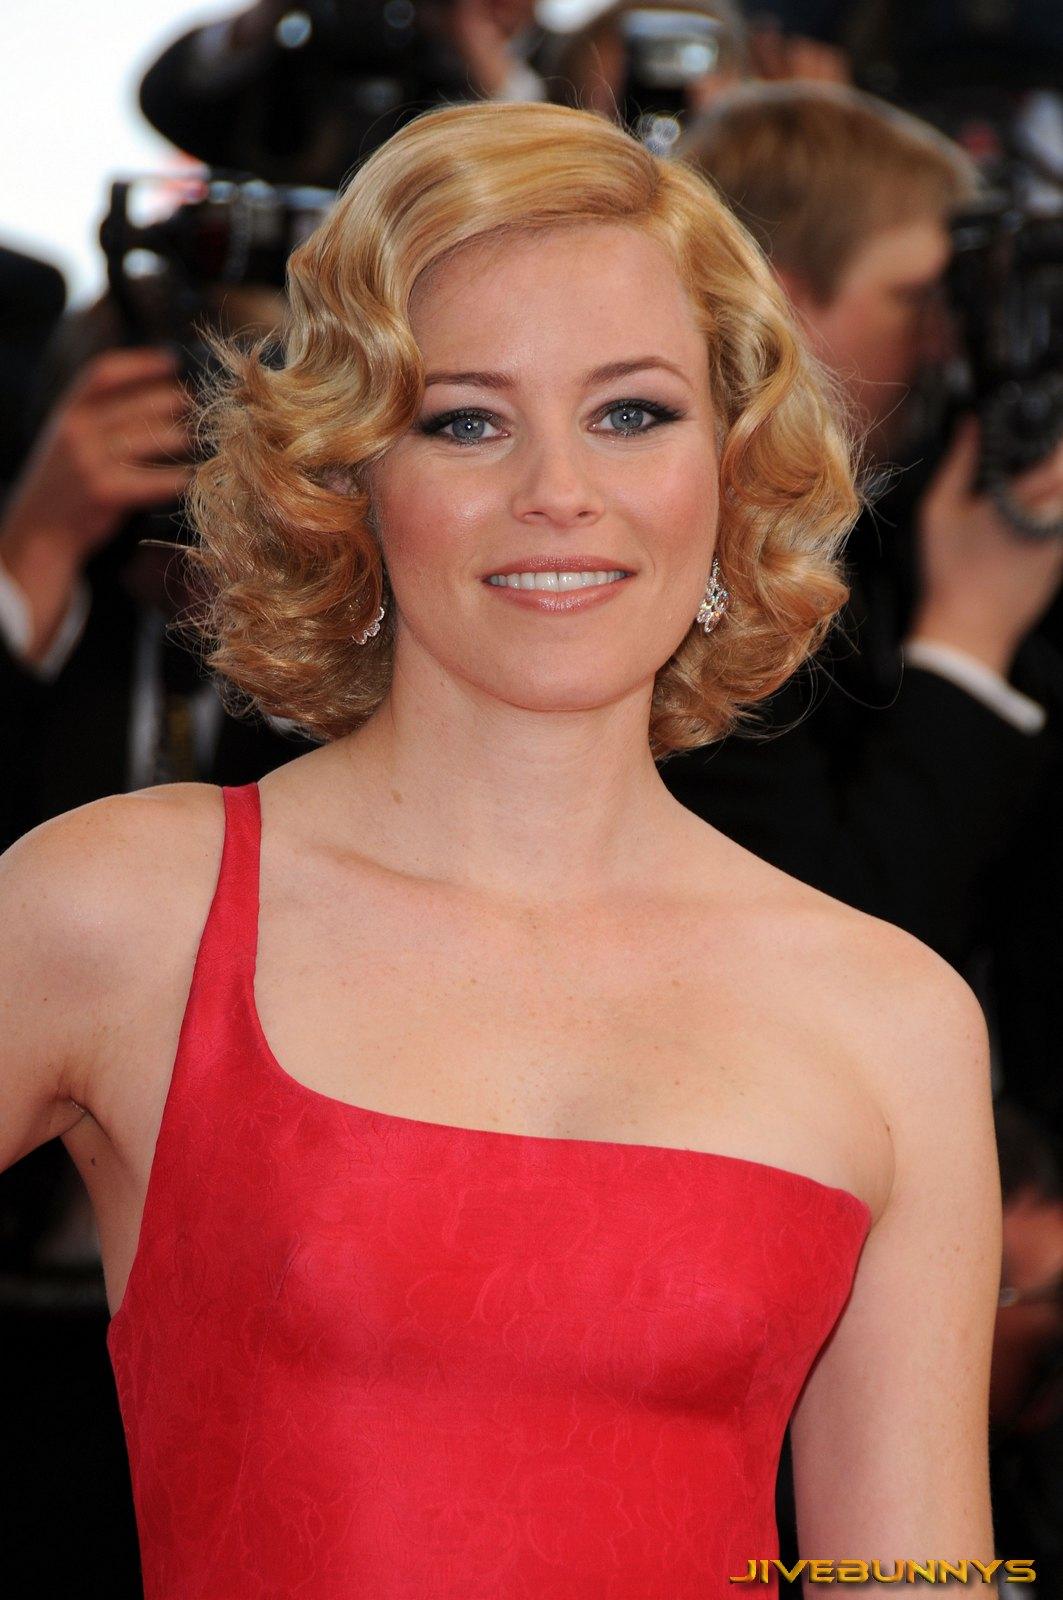 http://4.bp.blogspot.com/-glkl9f8f9h4/T3ceJ17LoOI/AAAAAAAAD7Q/XI722iVn6oc/s1600/elizabeth-banks-actress-celebrity-101495.jpg